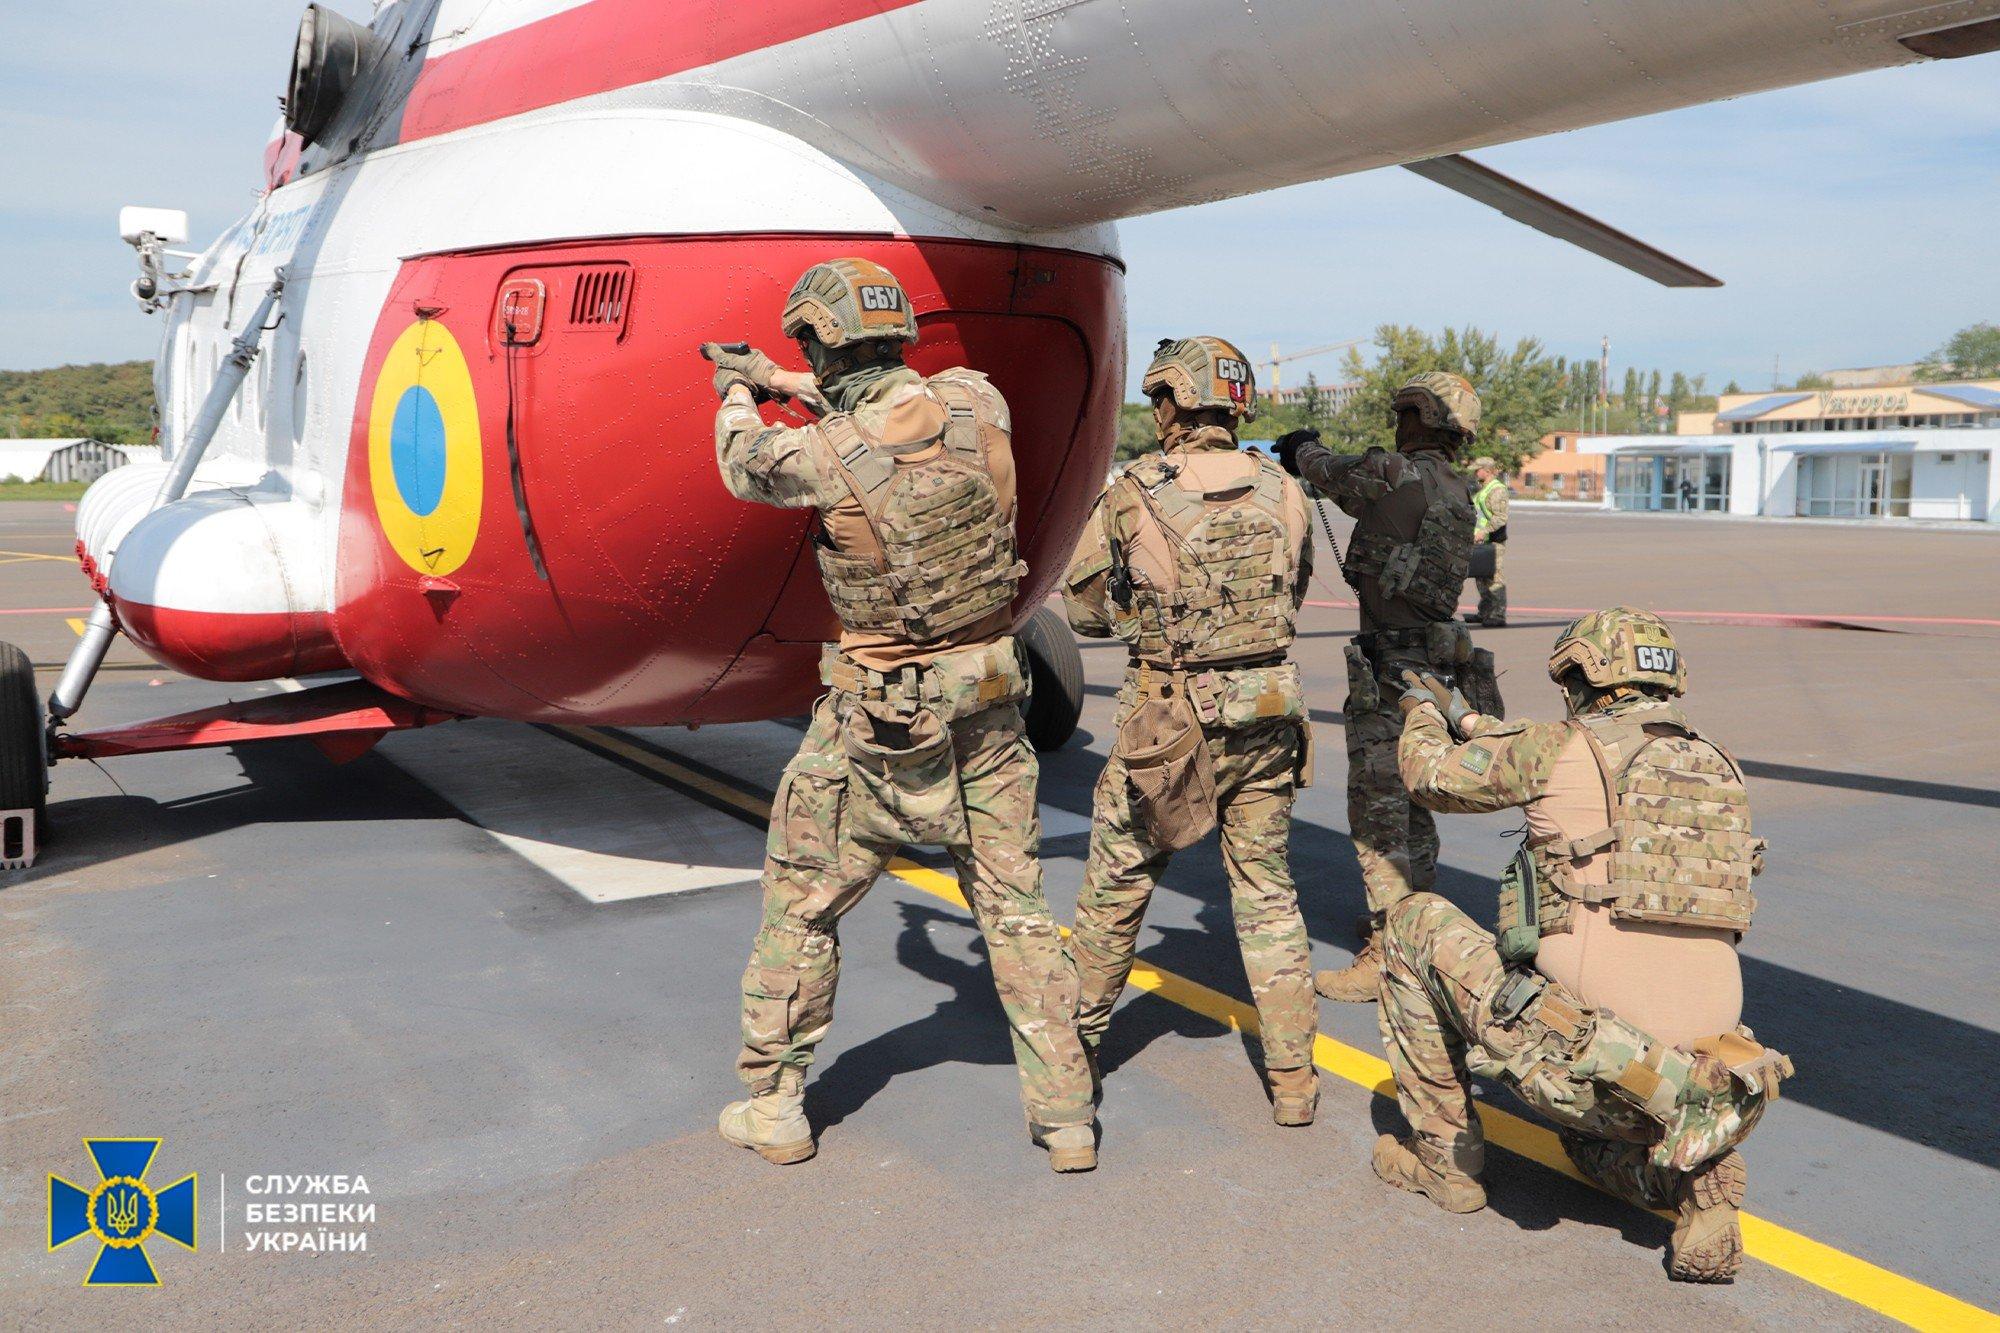 В Ужгороде террористы захватили вертолет в аэропорту, взяв заложников и выдвинув требования